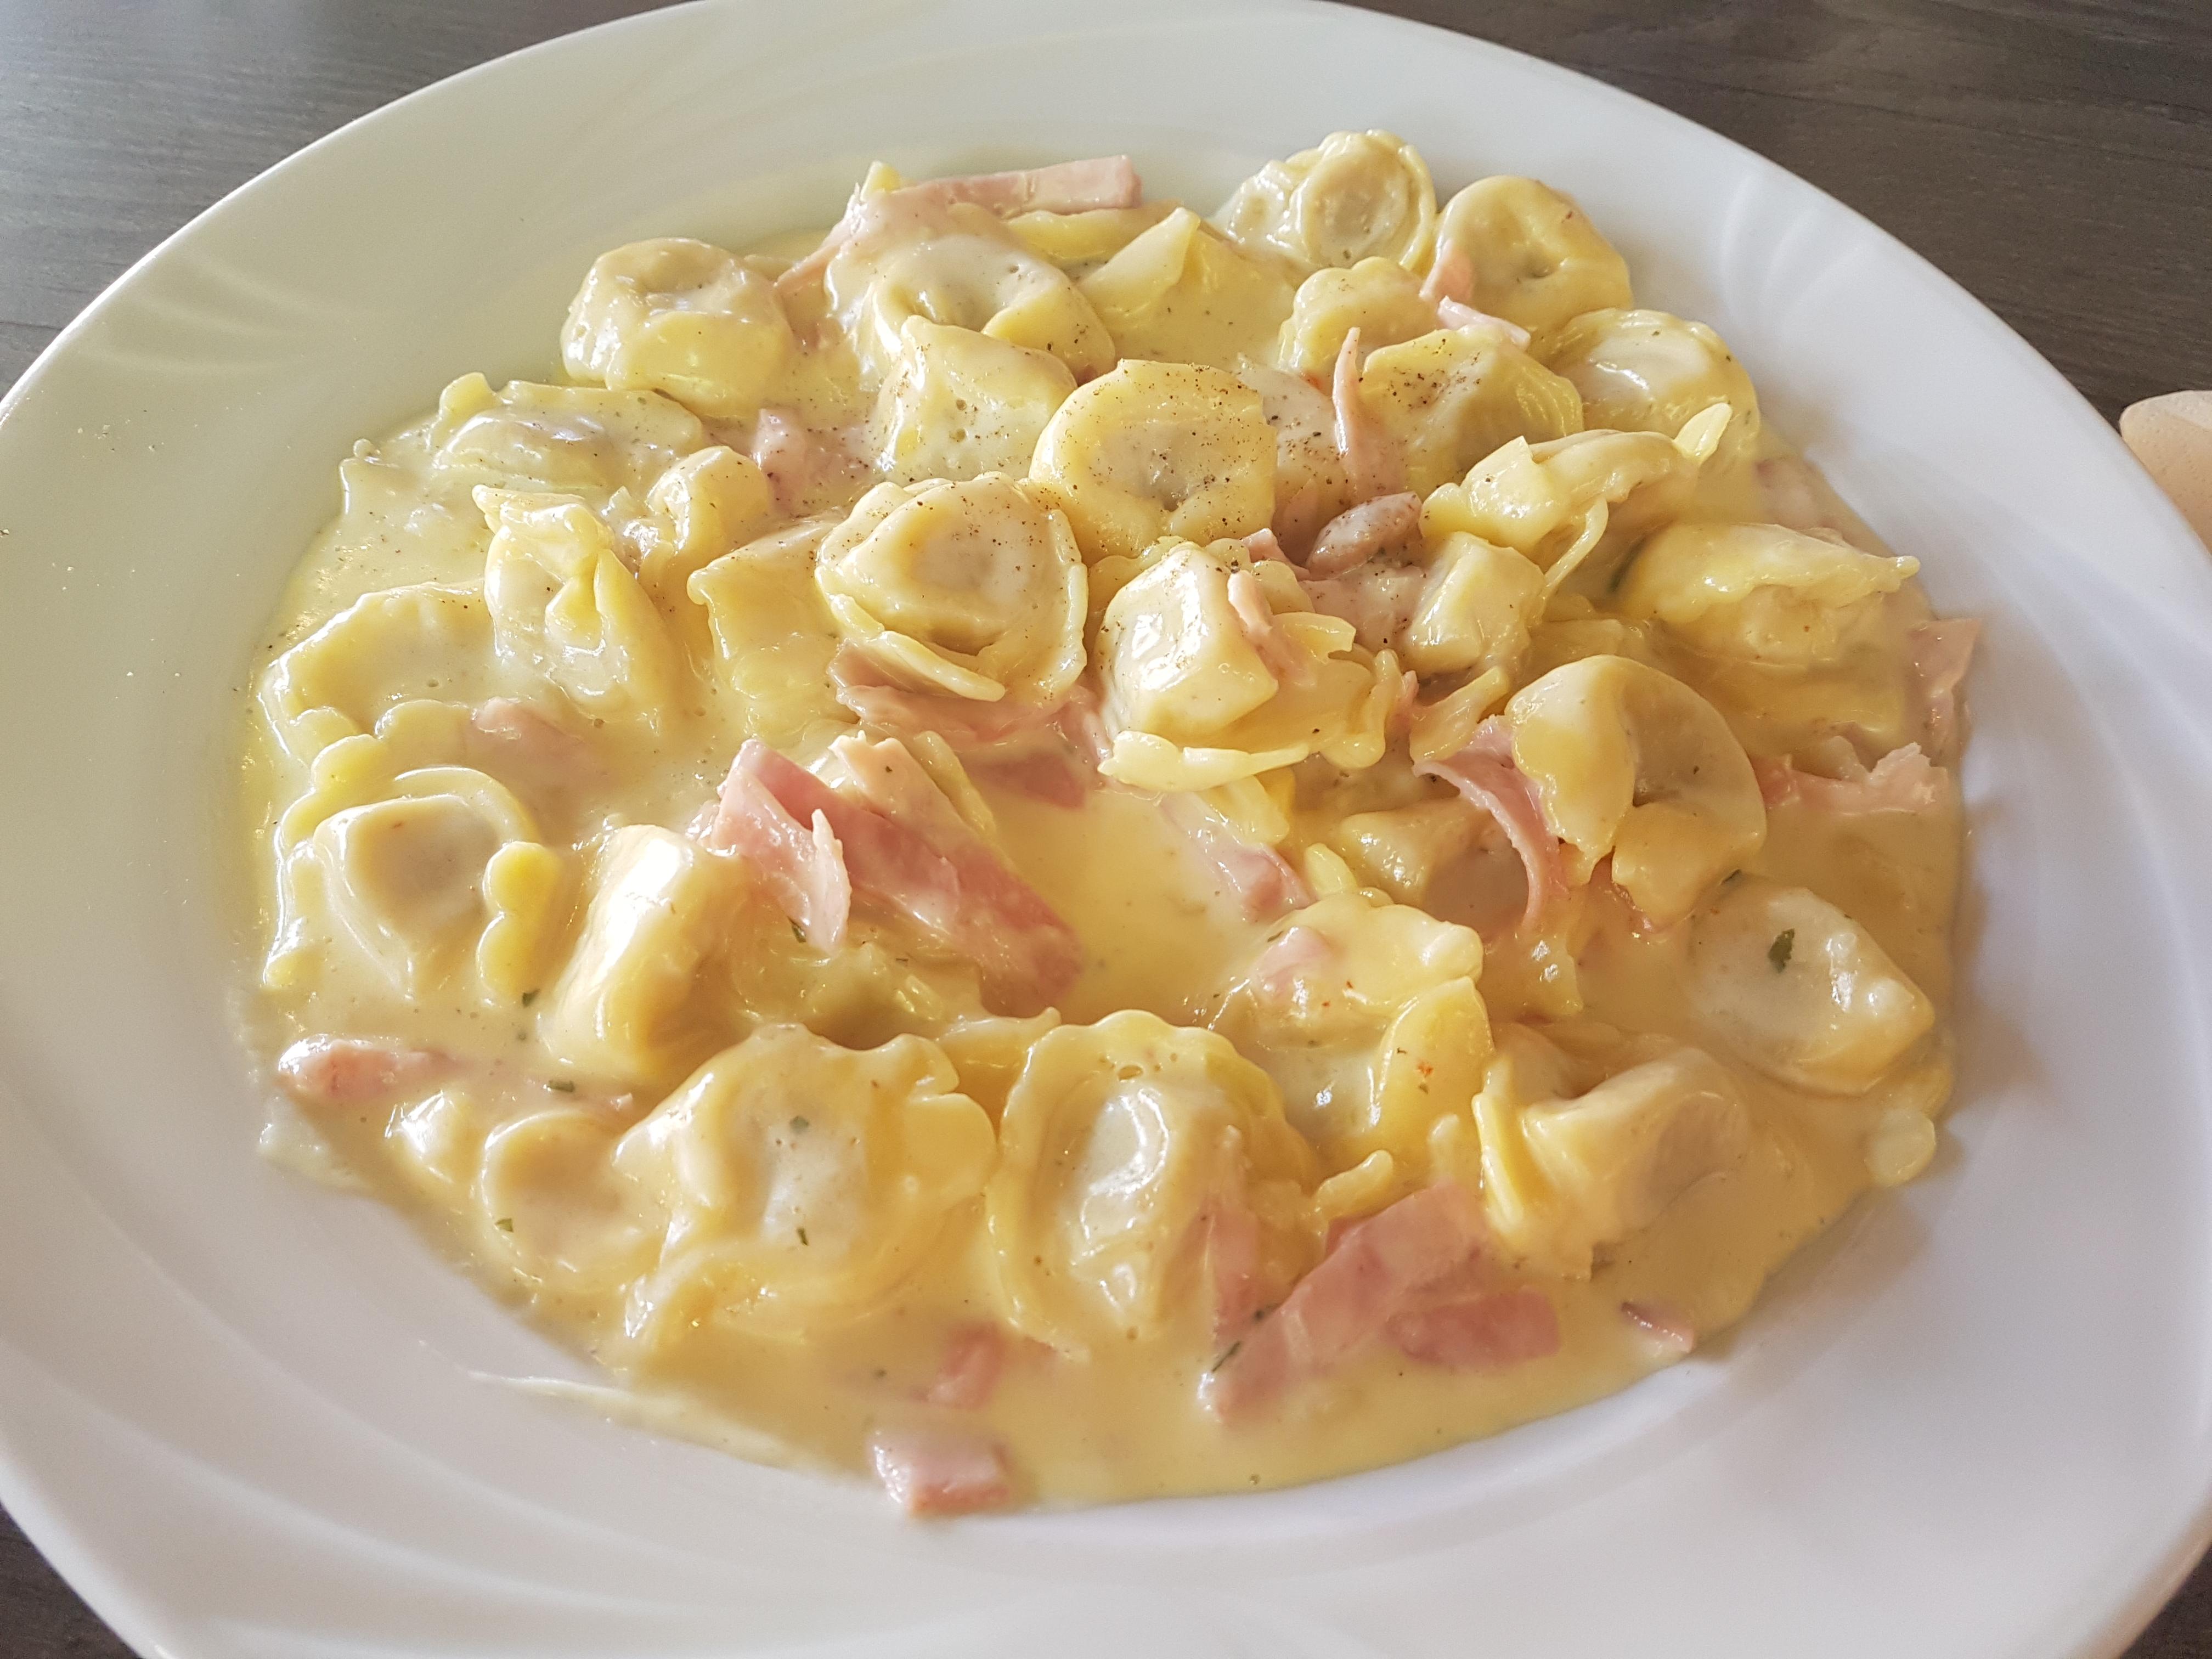 https://foodloader.net/Holz_2018-08-11_Tortellini_alla_Panna.jpg